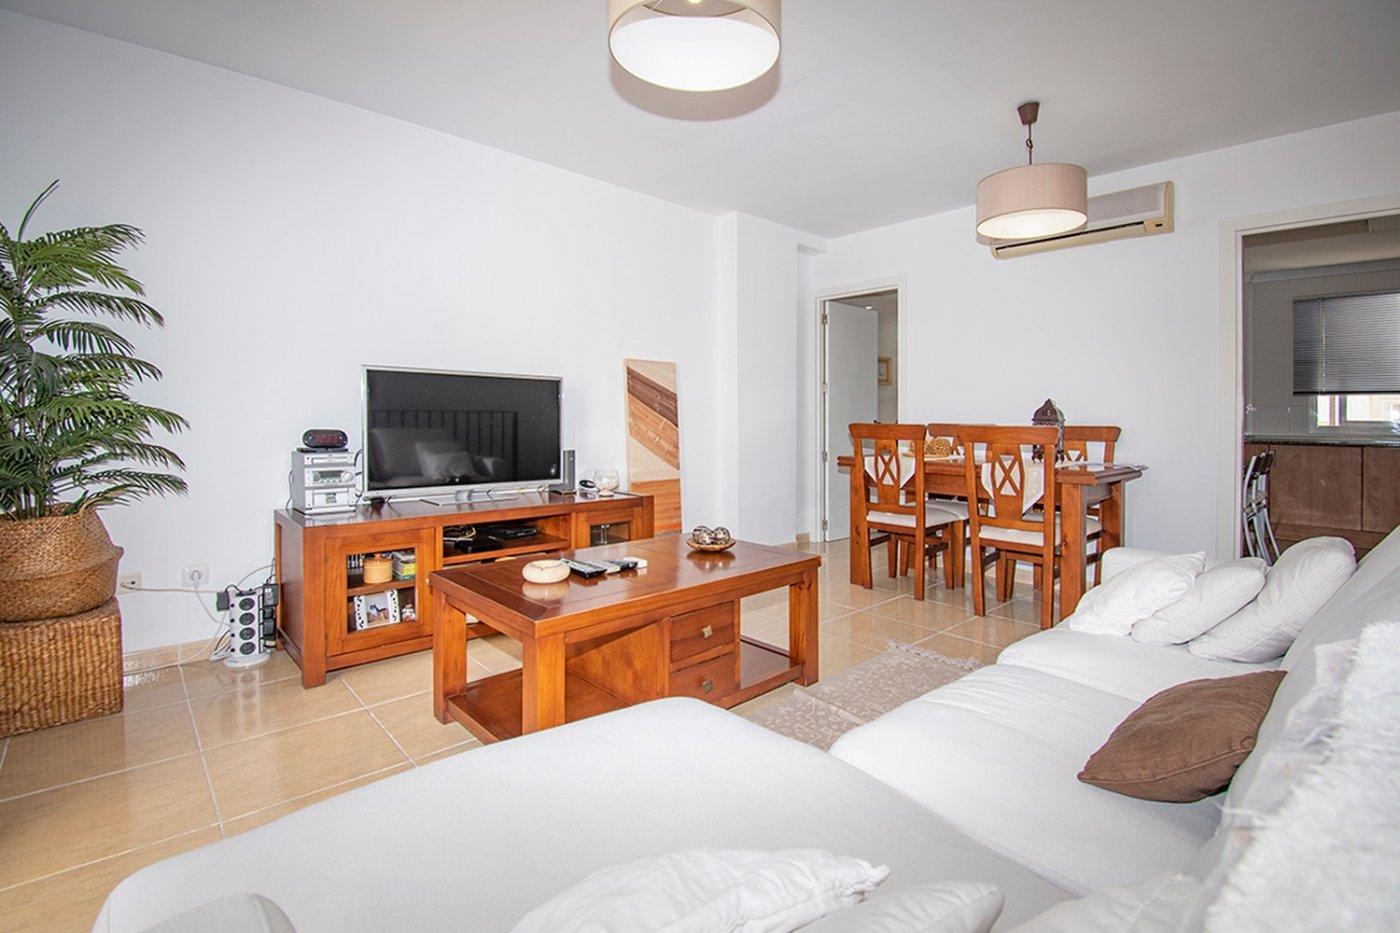 Ático-dÚplex de 3 habitaciones con terraza en planta en pedro garau (parking opcional) - imagenInmueble7